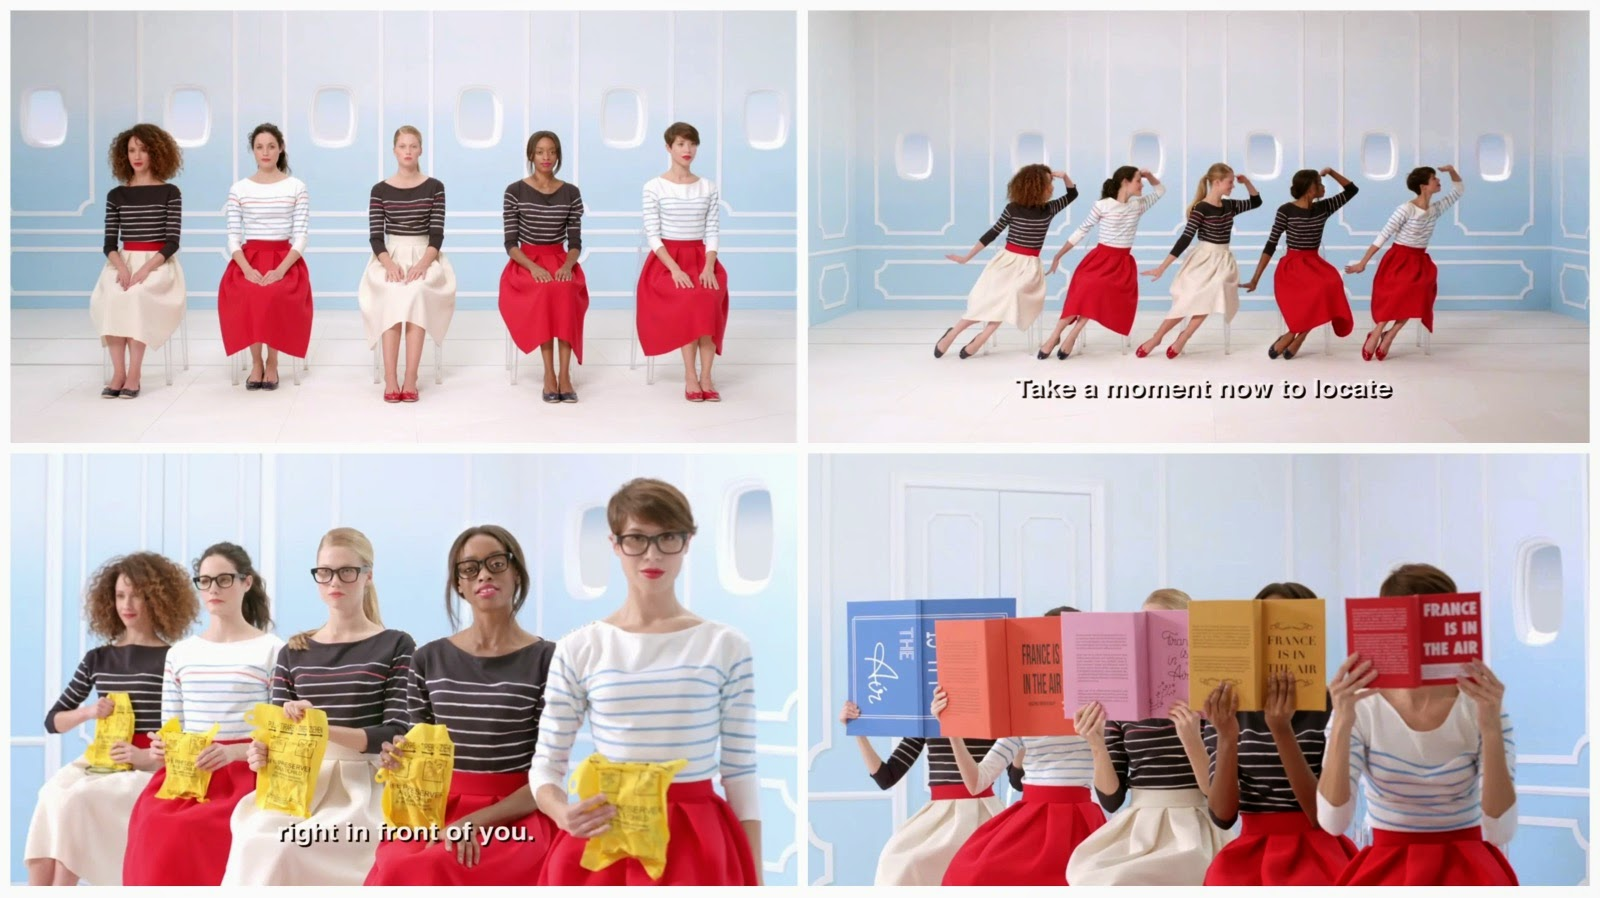 もう「つまんない」なんて言わせません!(笑)世界の美しすぎる&キュートな機内安全ビデオ3選